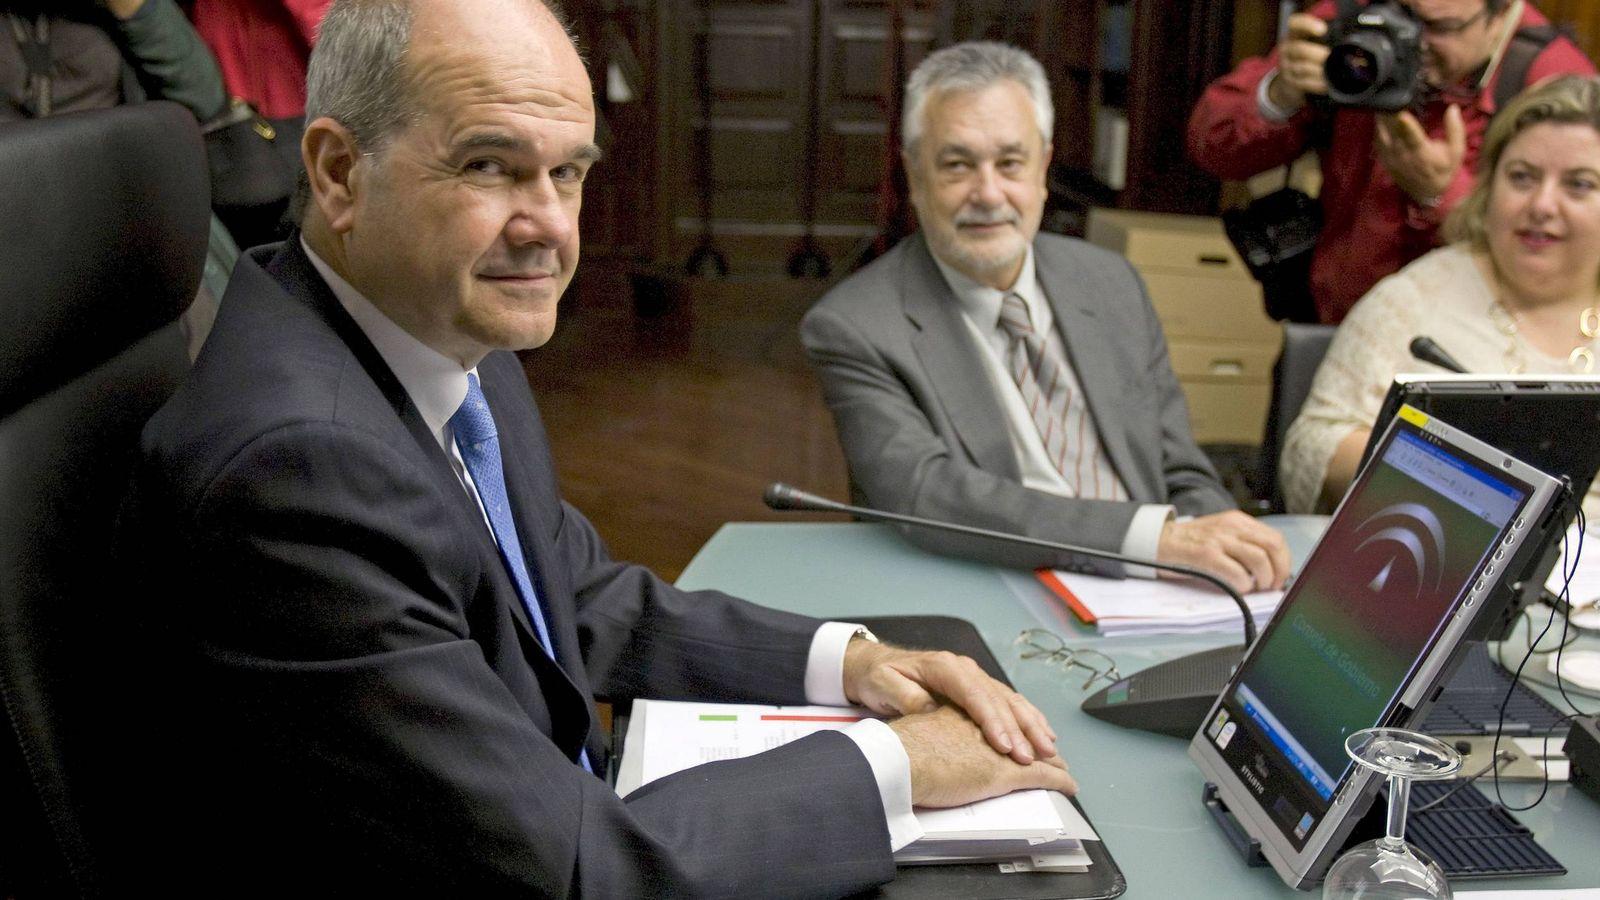 Foto: Chaves y Griñán, en una imagen de archivo. (Efe)